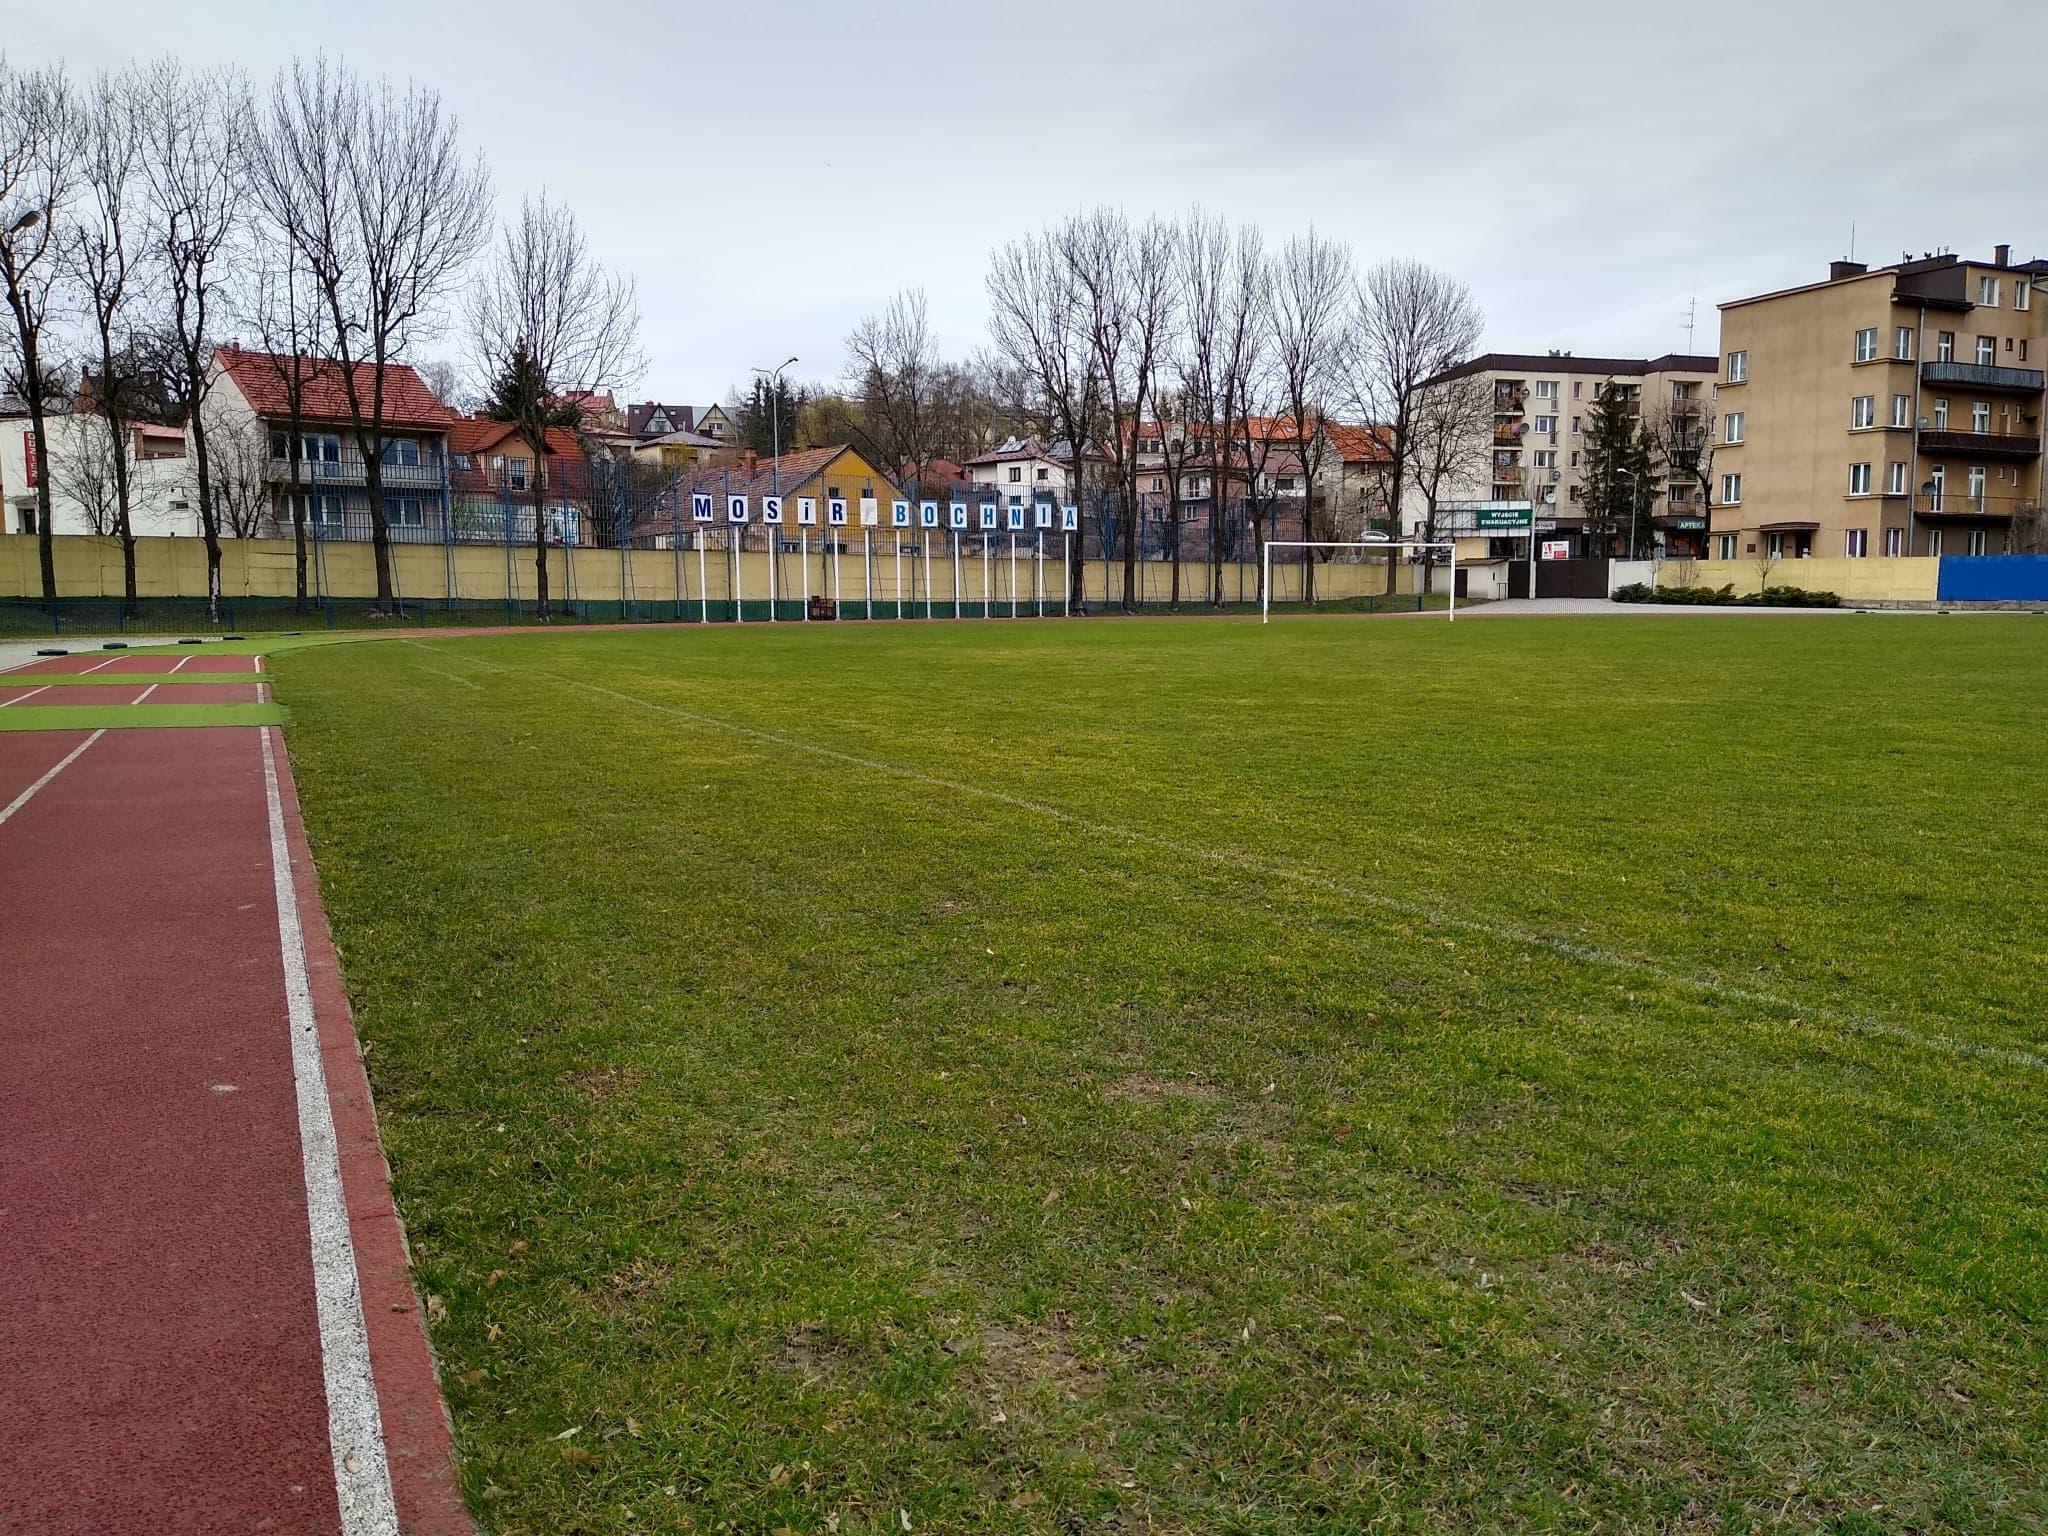 Rozgrywki młodzieżowe wstrzymane od 27 marca – Małopolski Związek Piłki Nożnej